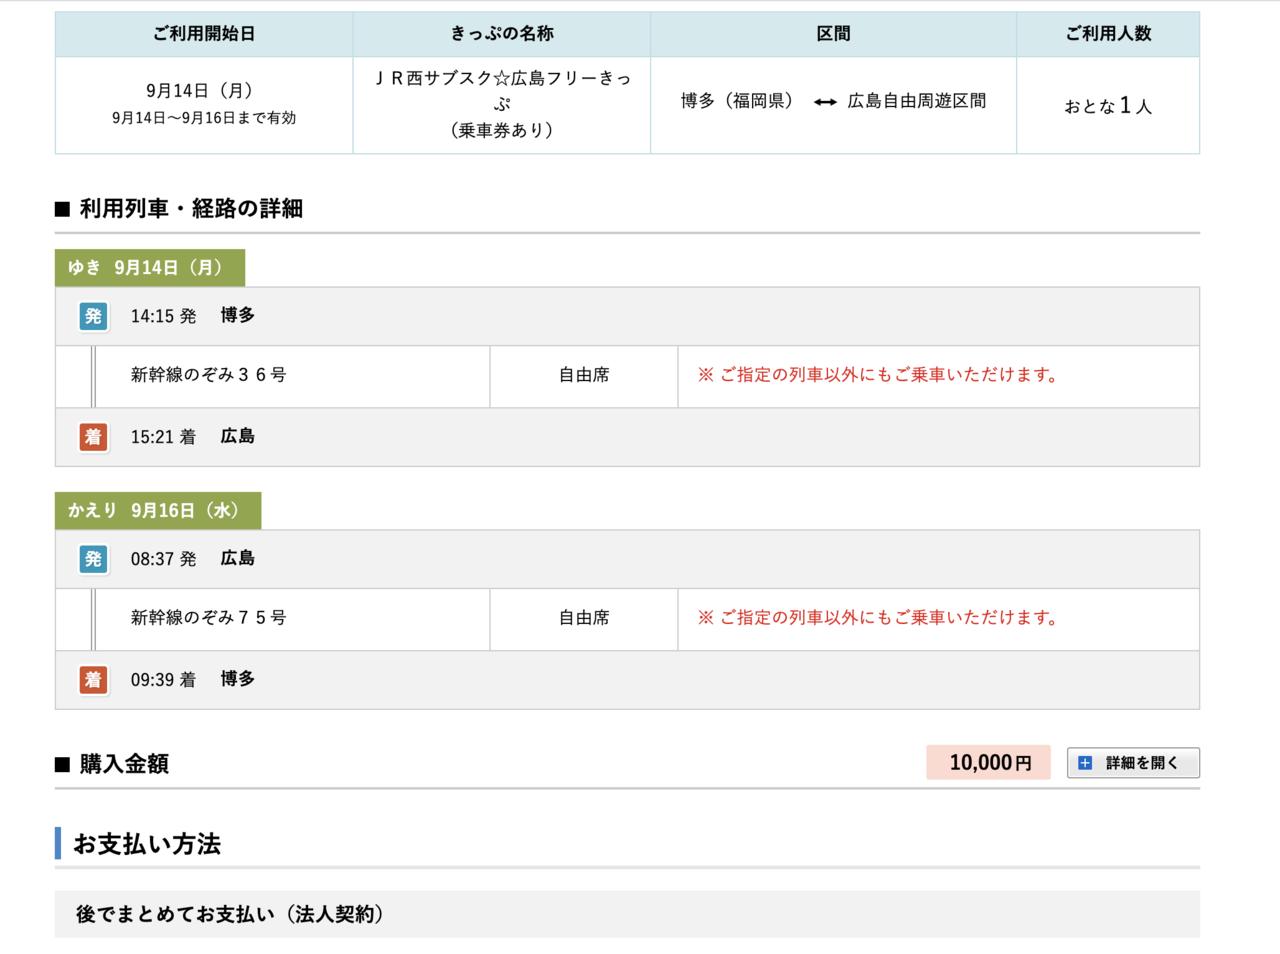 スクリーンショット 2020-09-05 14.06.16